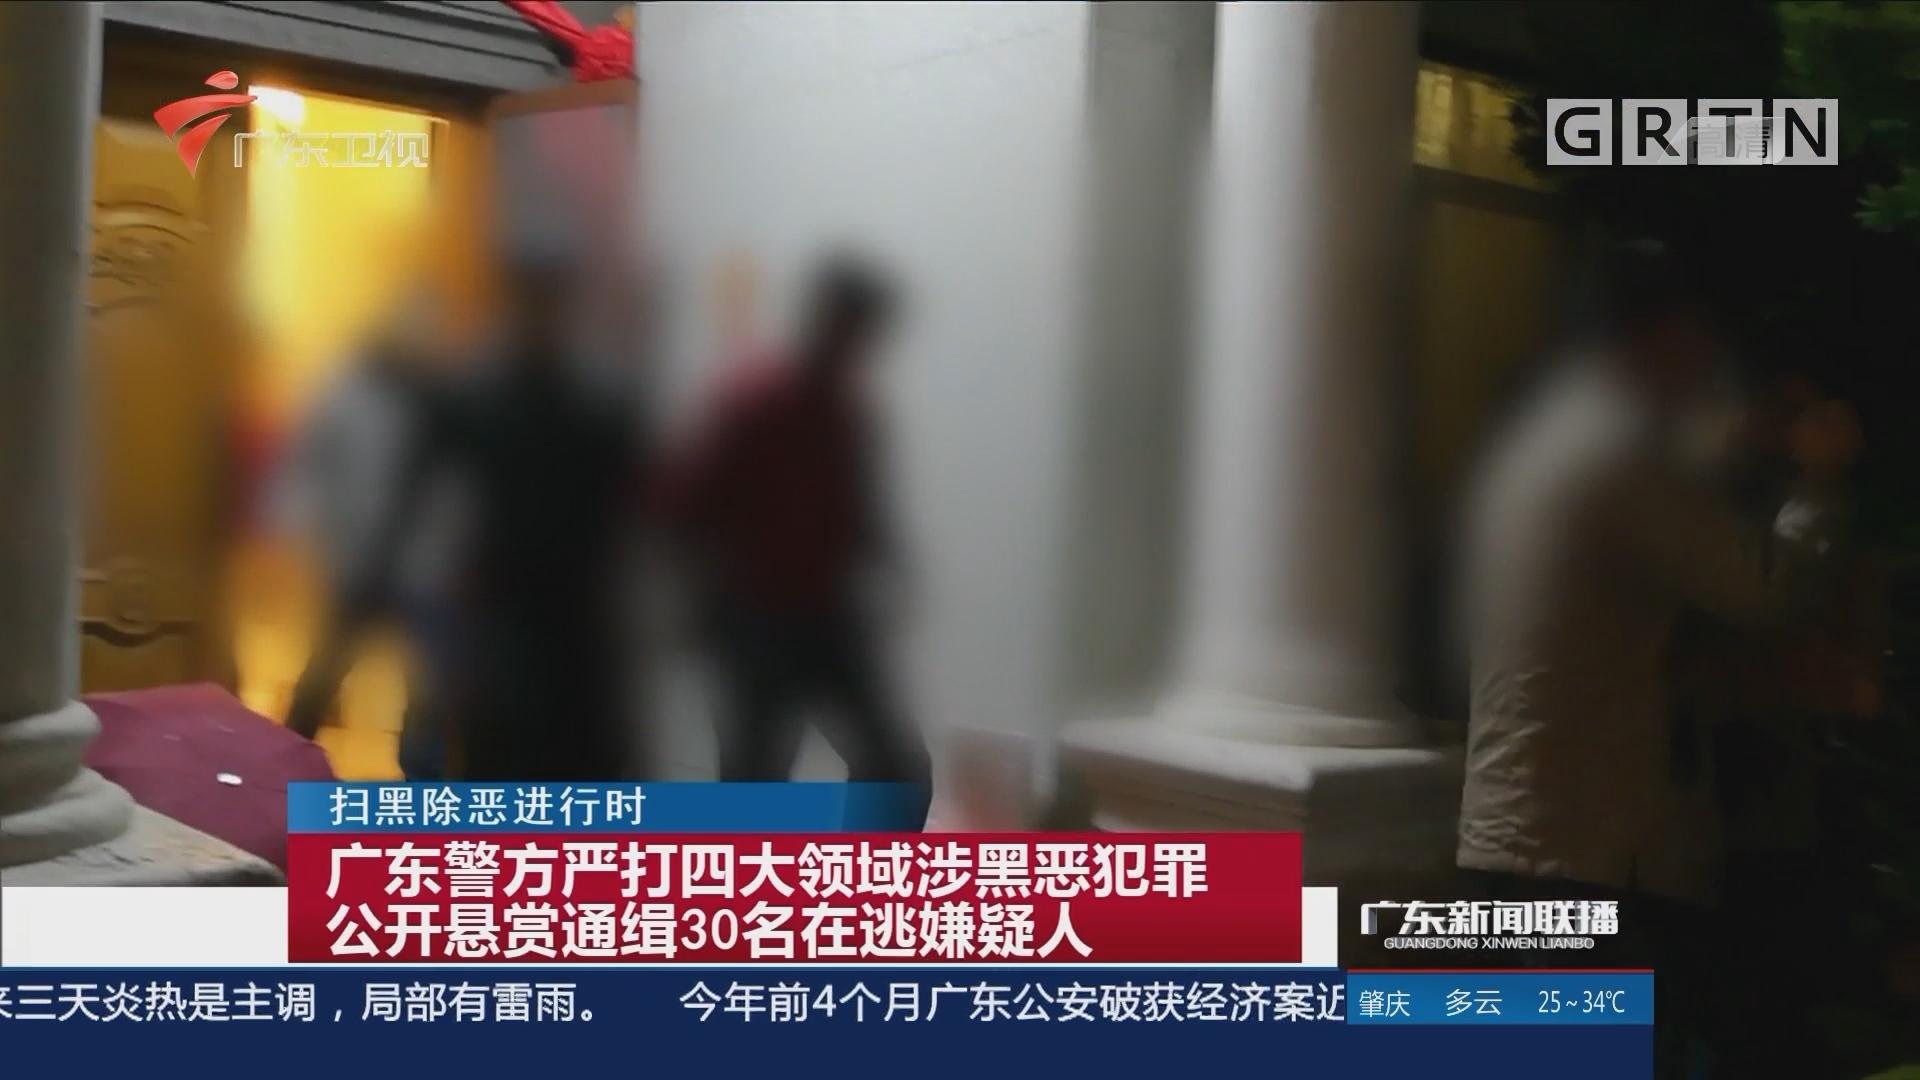 广东警方严打四大领域涉黑恶犯罪 公开悬赏通缉30名在逃嫌疑人